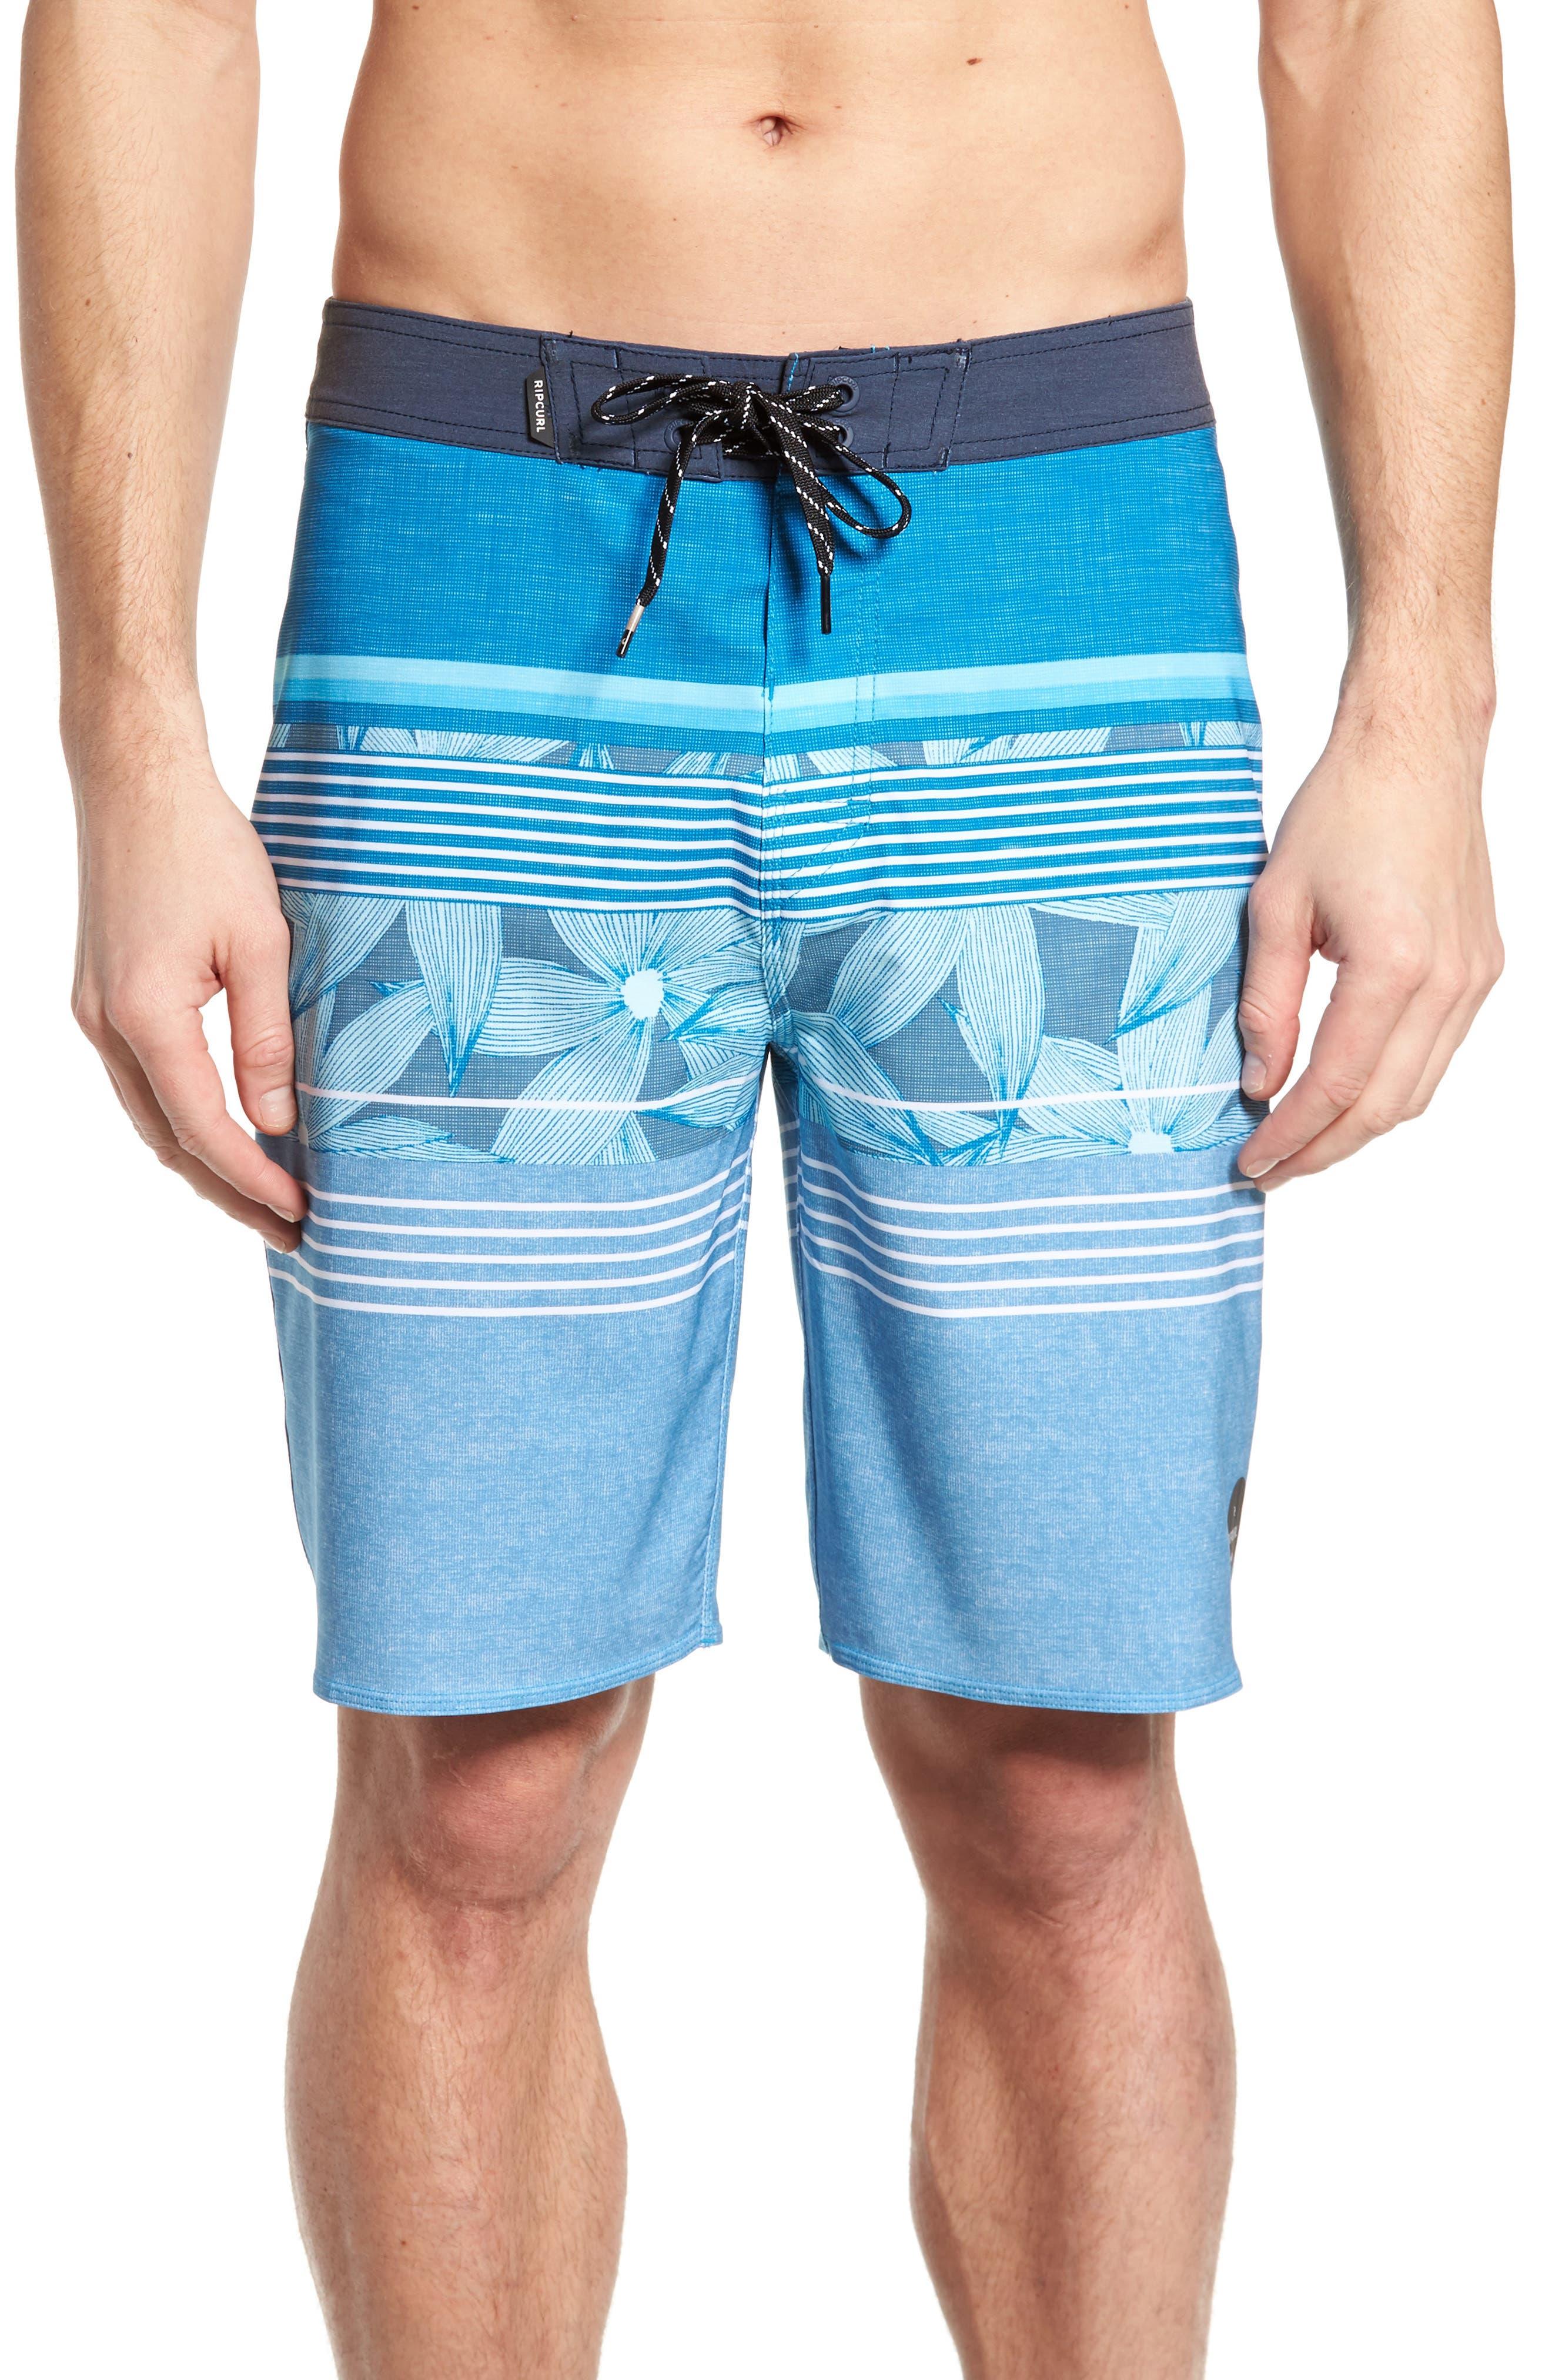 Mirage Shake Up Board Shorts,                         Main,                         color, 400